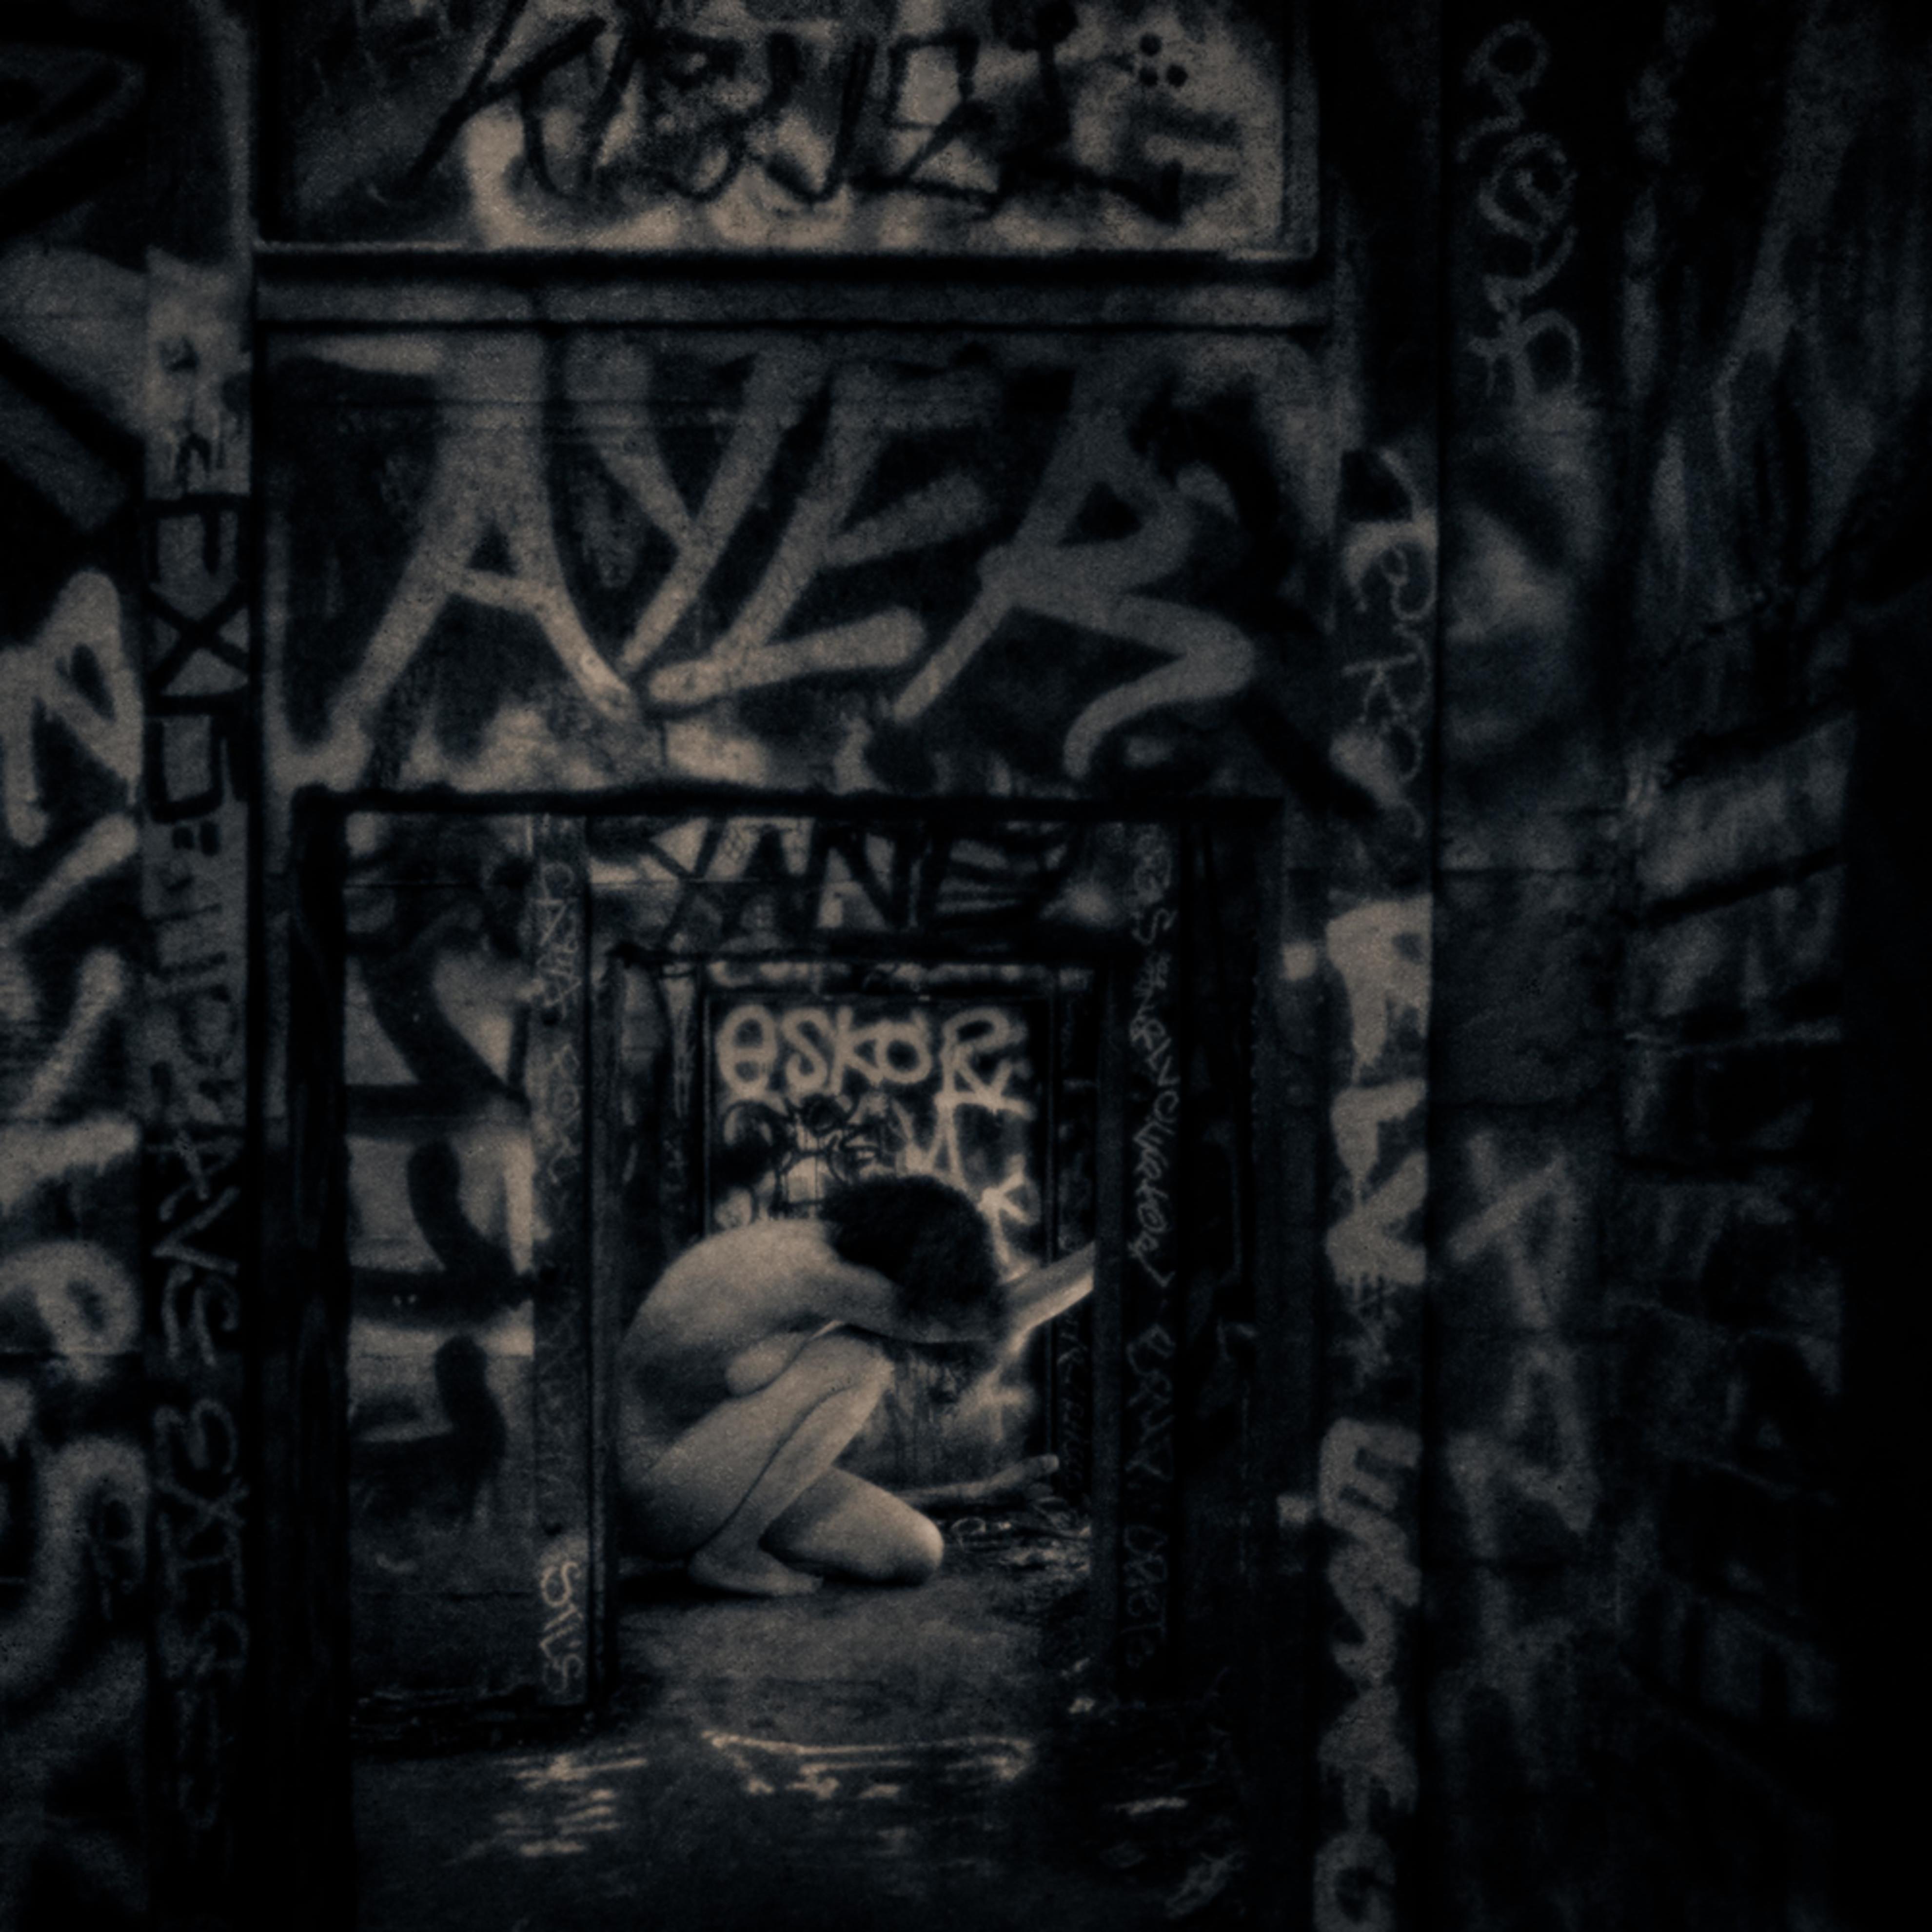 Isolation mxdpge